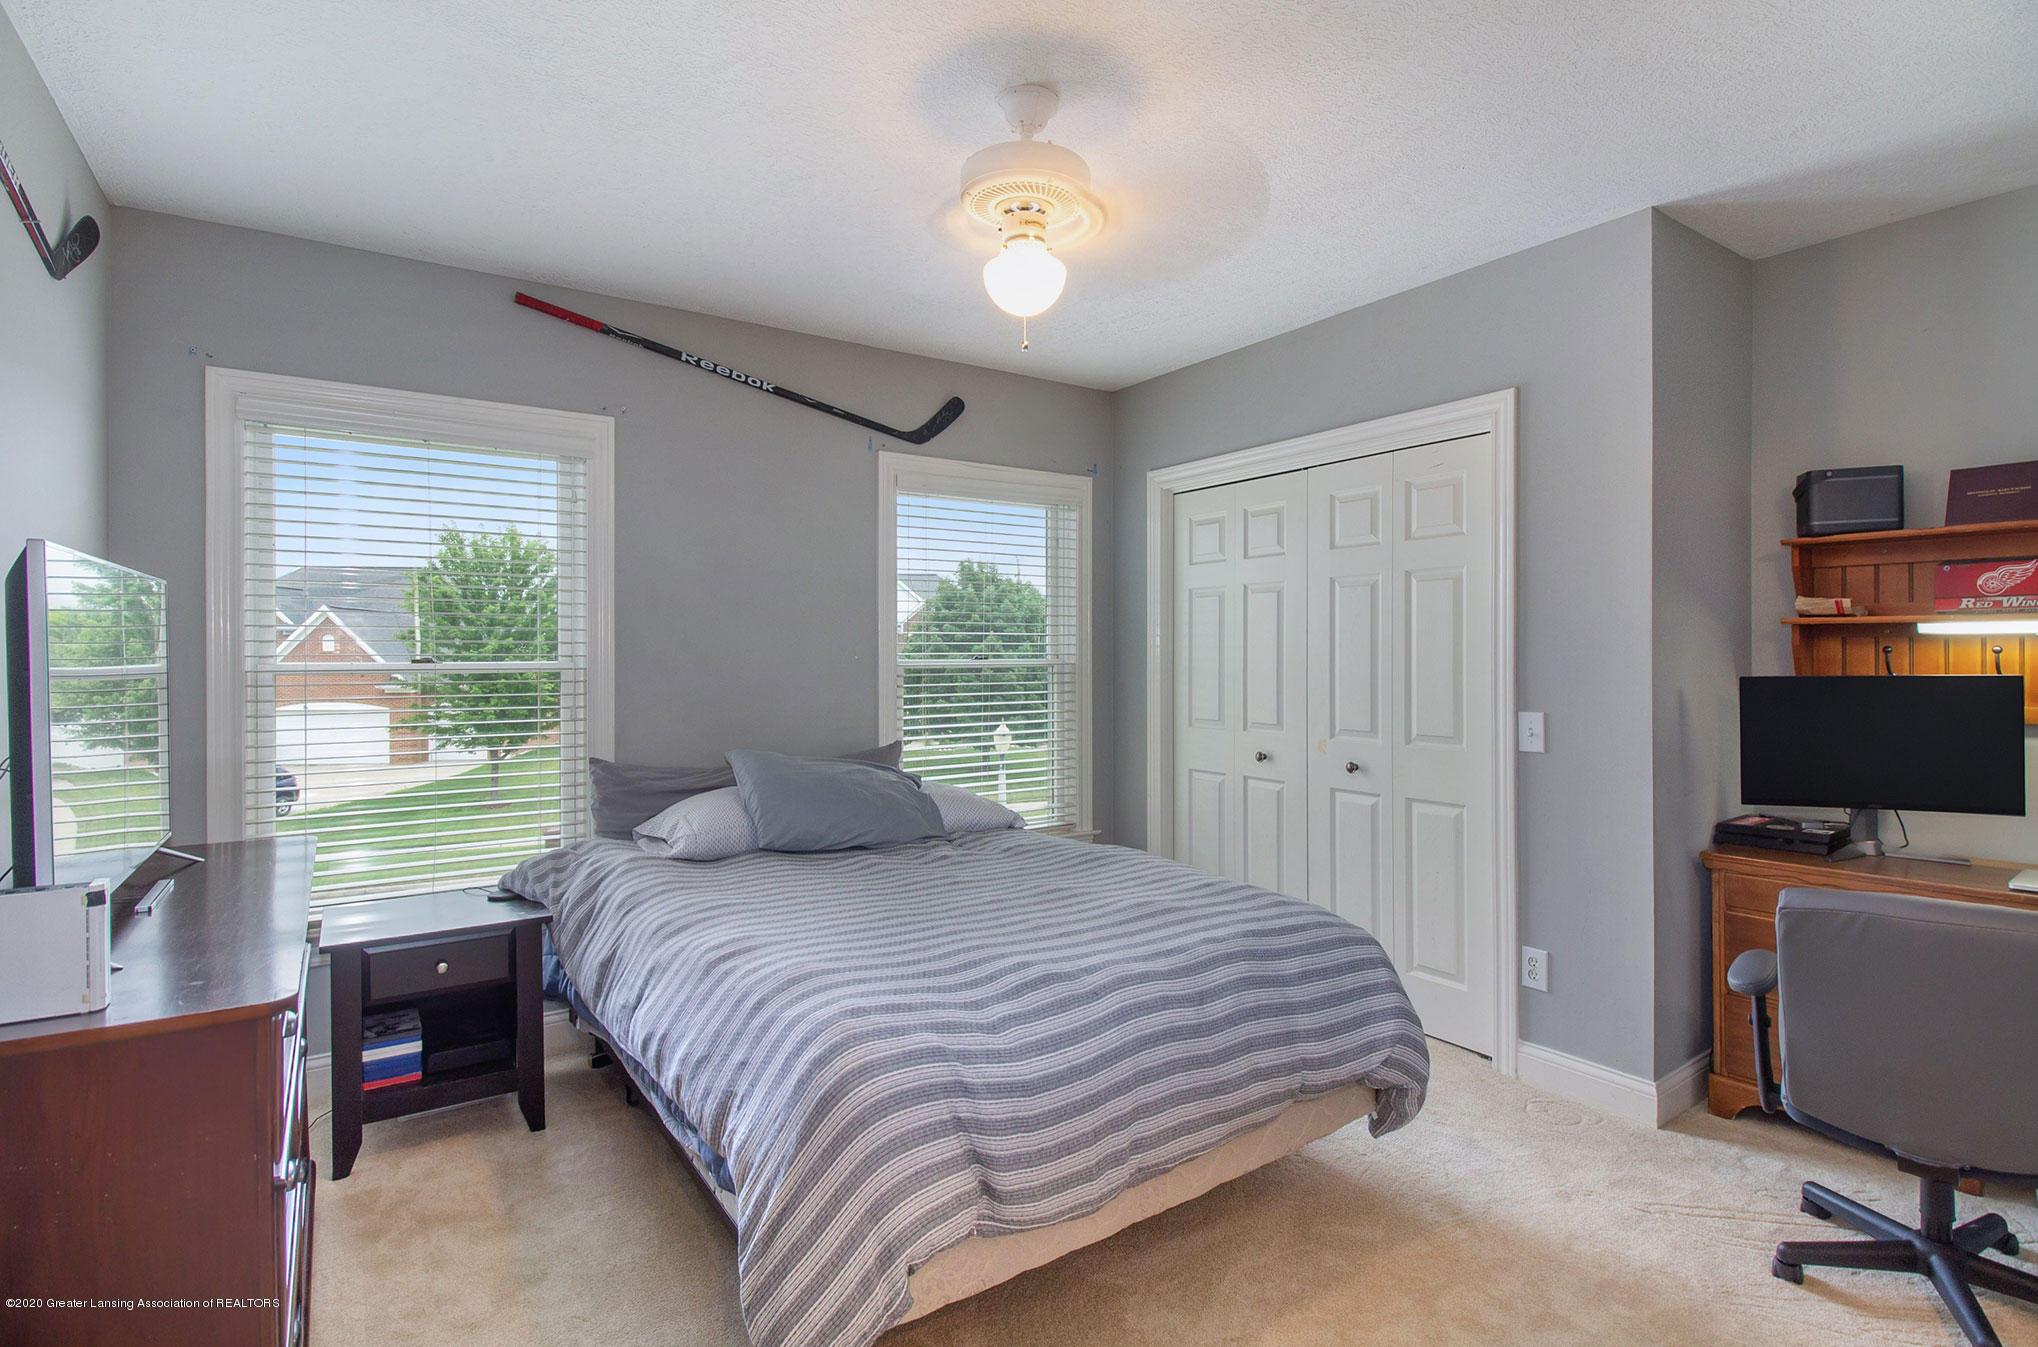 2223 Cawdor Ct - Upstairs bedroom - 27